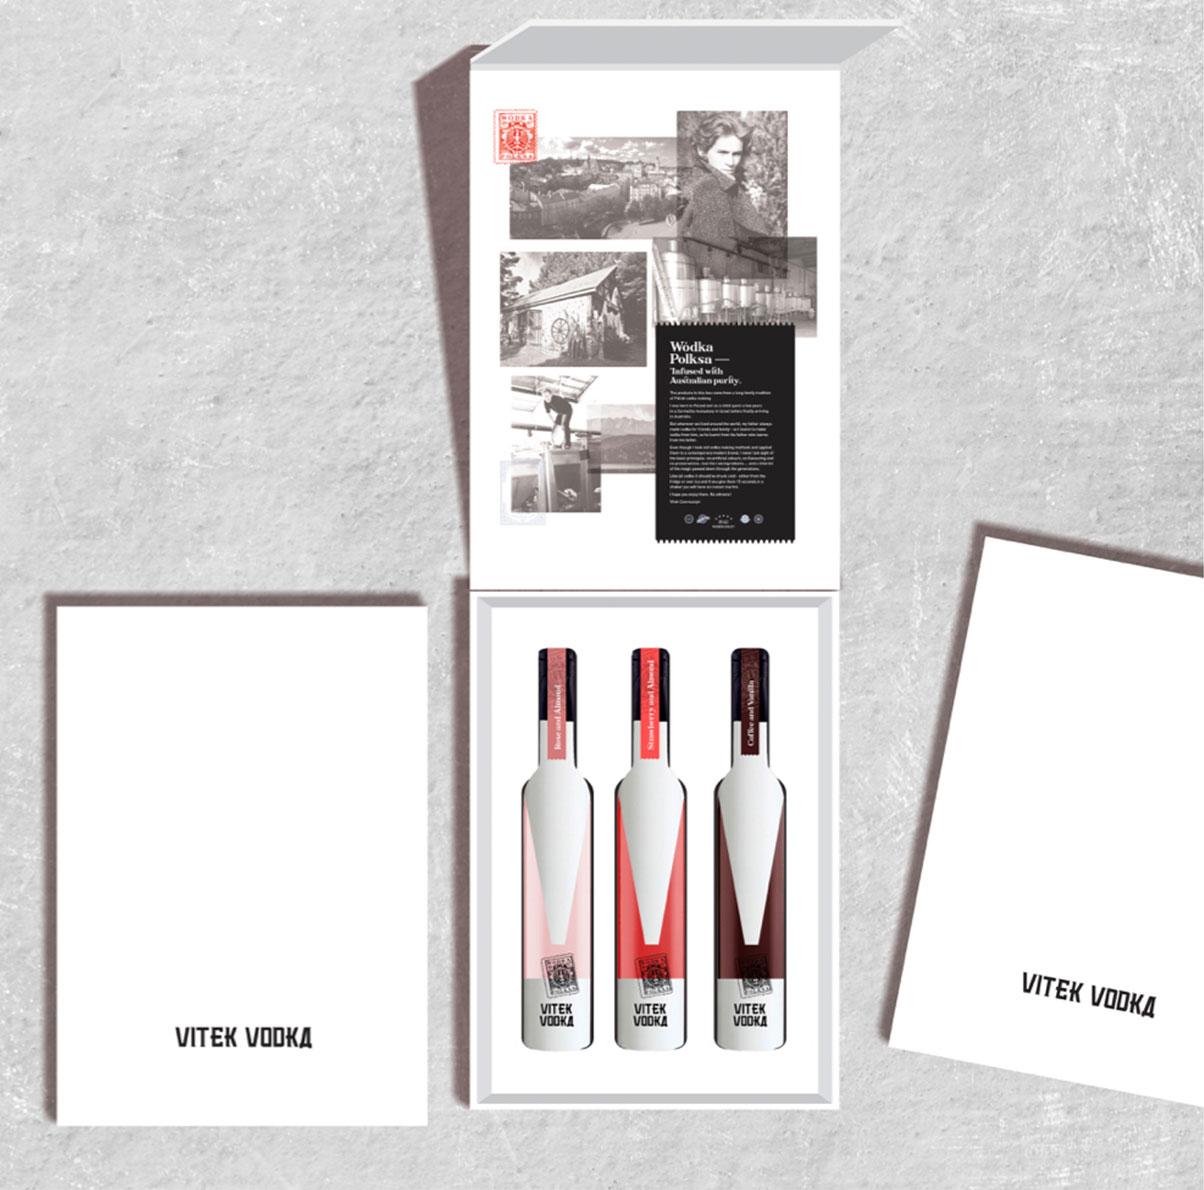 LudbrookAgency_Vitek-Vodka-Branding_03-1